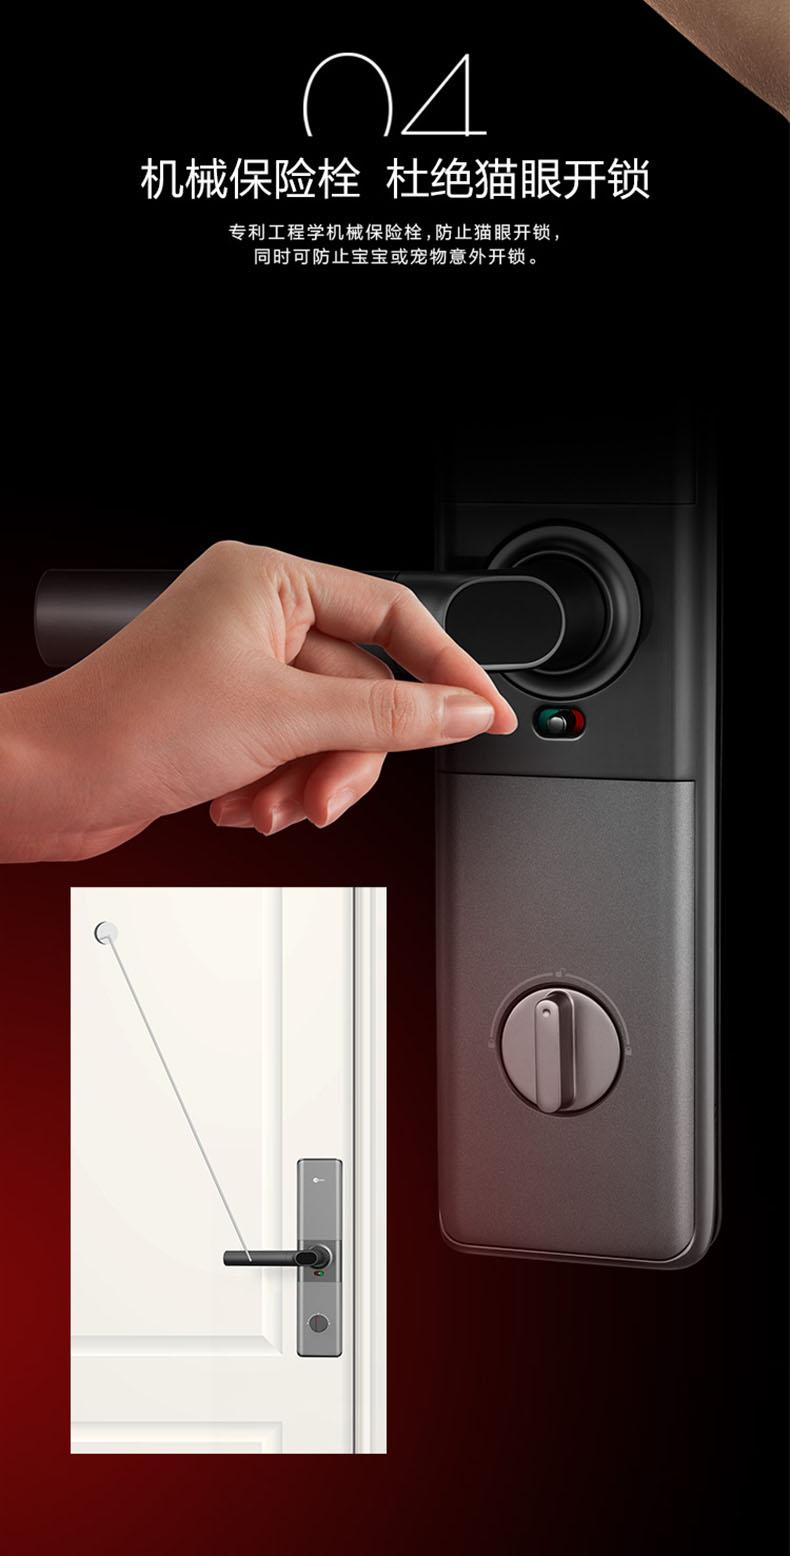 请问真实感受联想lecoo智能指纹锁r1评测怎么样??说说lecoo智能指纹锁r1质量好不好